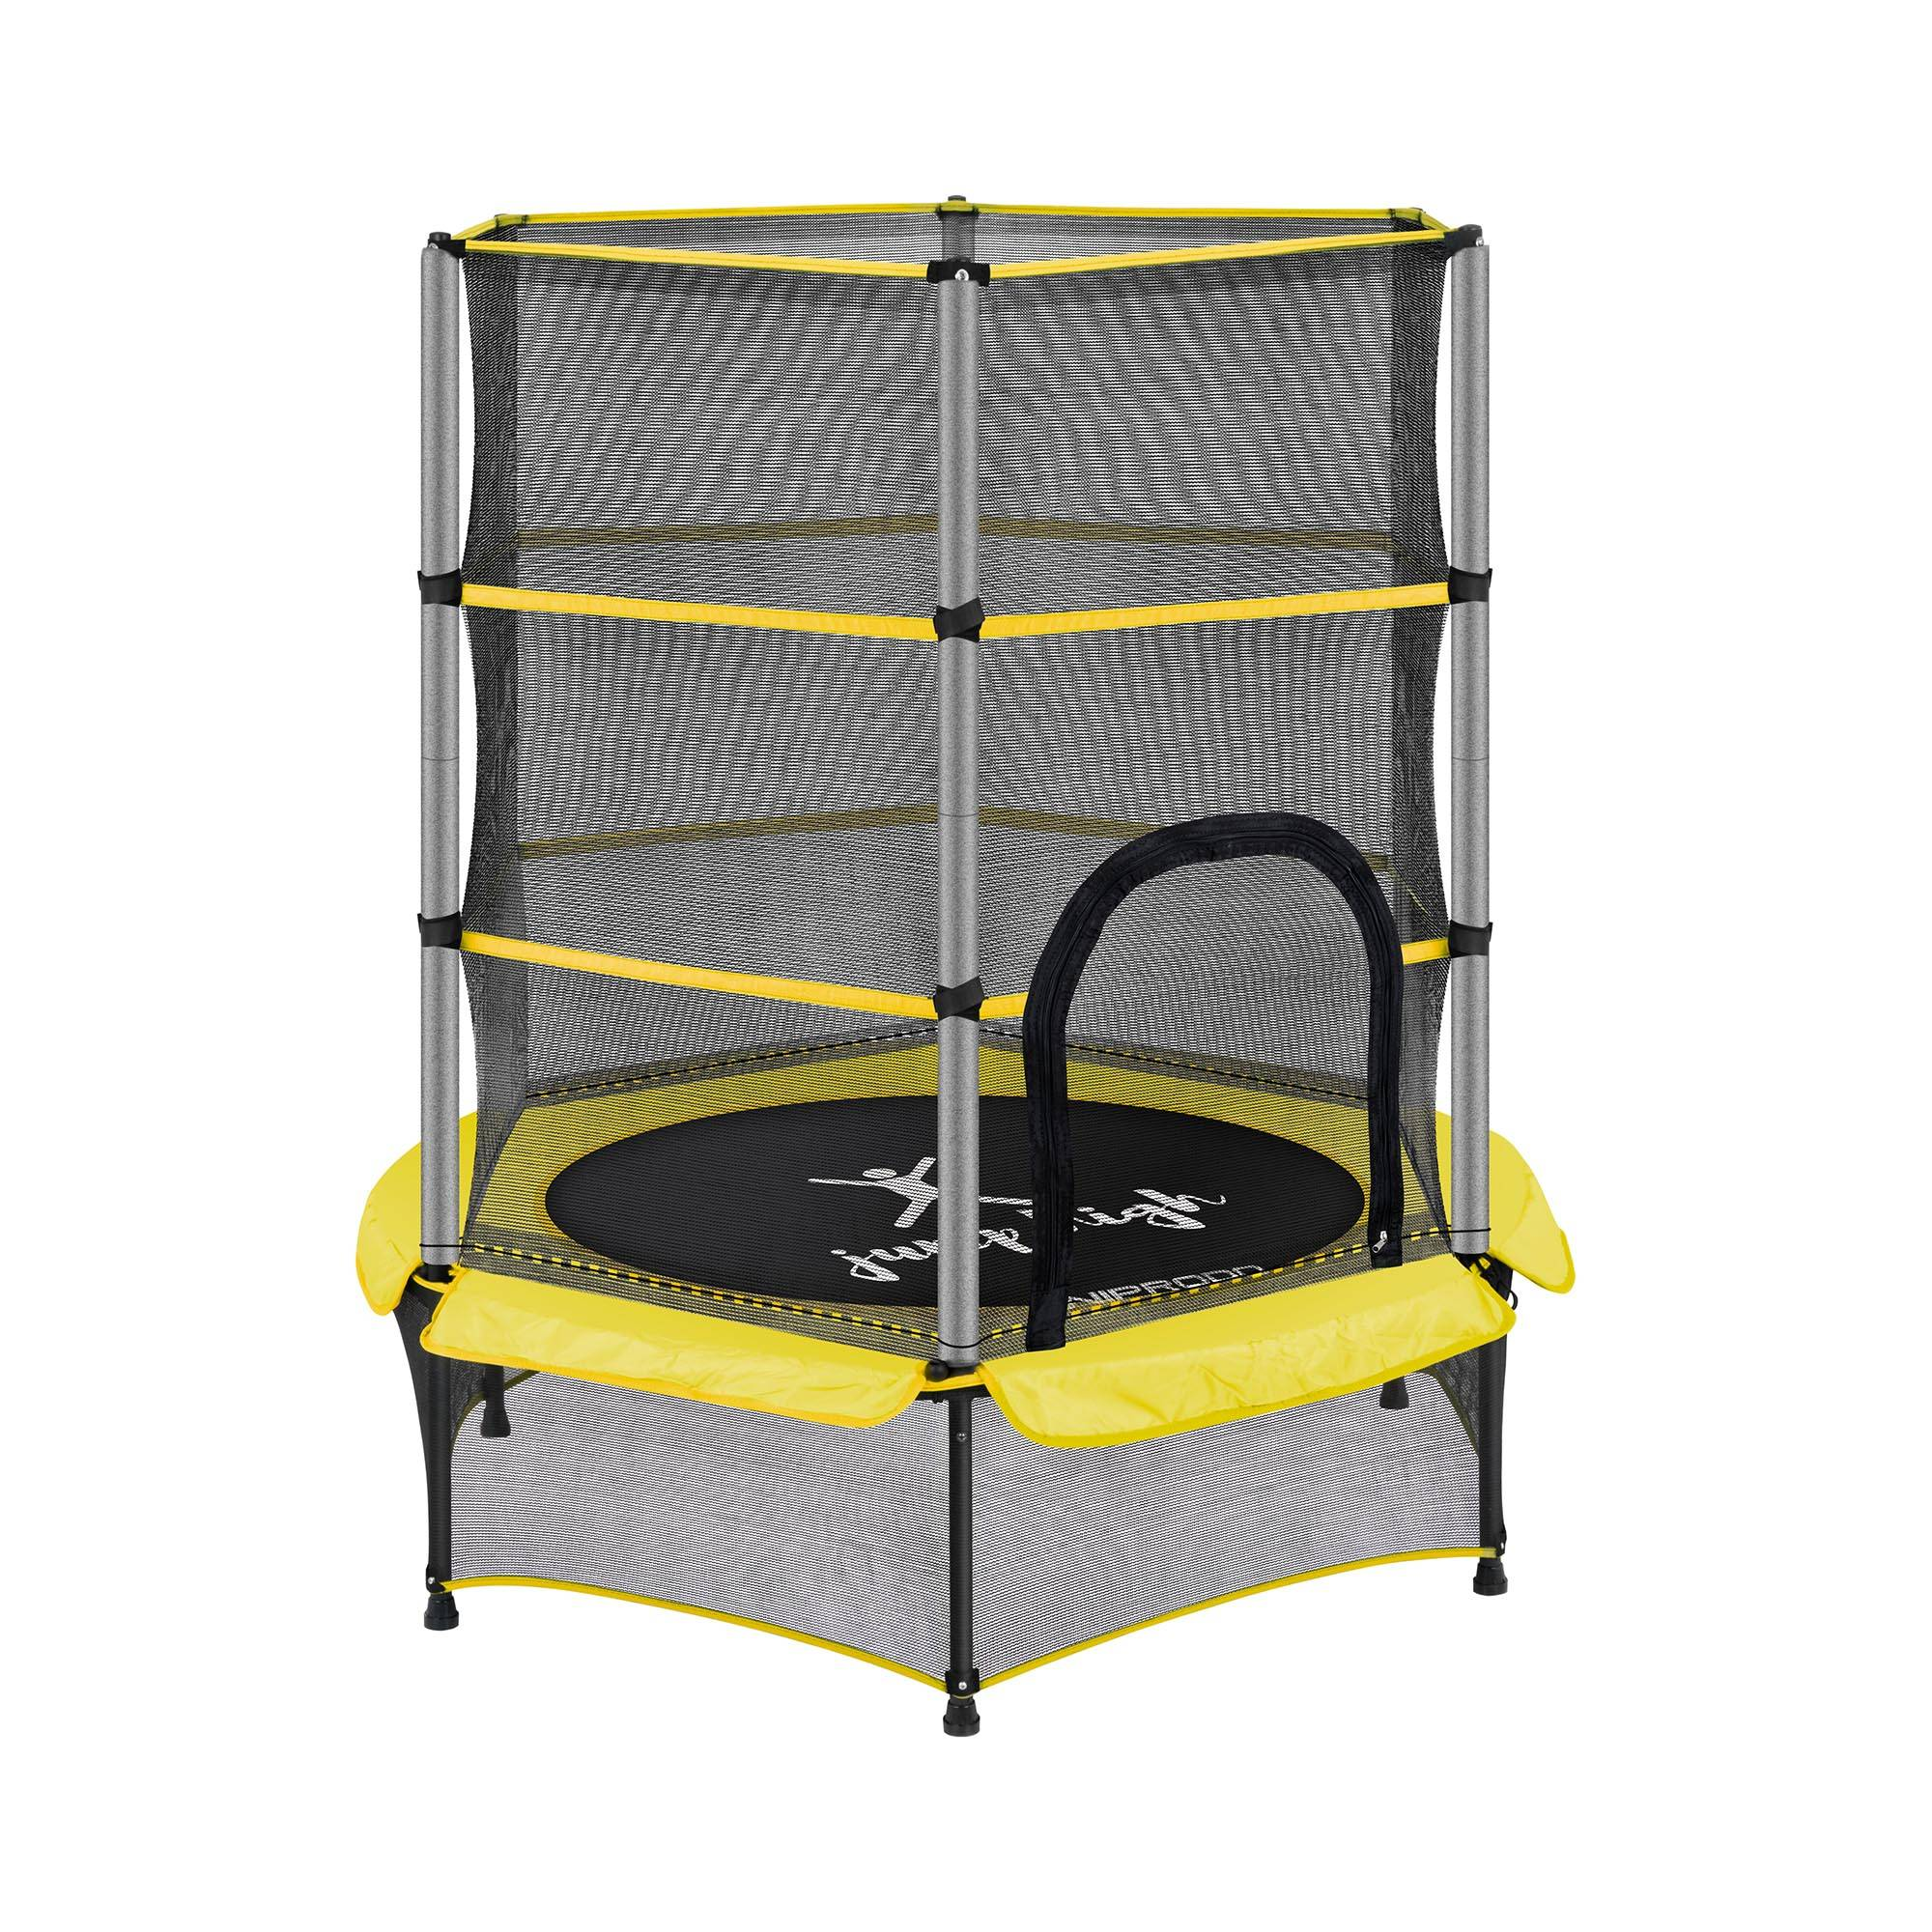 uniprodo tappeto elastico bambini - con rete di sicurezza - 140 cm - 50 kg - giallo uni_trampoline_02